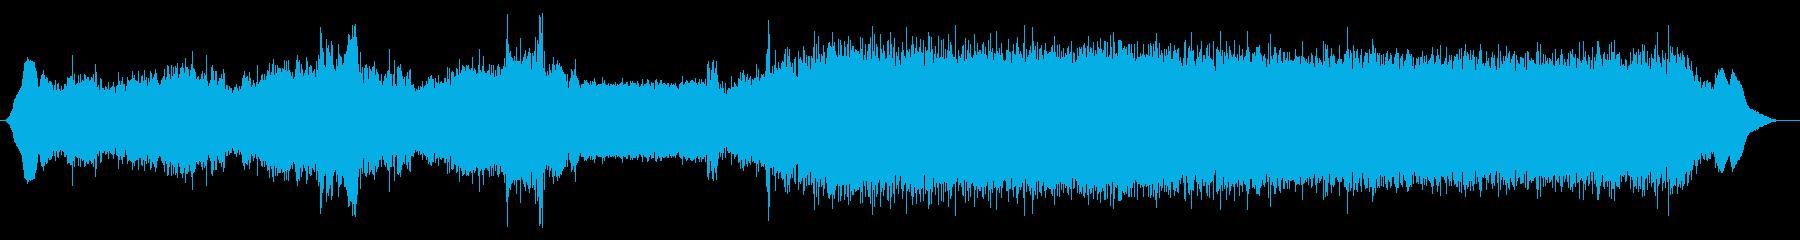 光学ドライブ03-1(動作音)の再生済みの波形